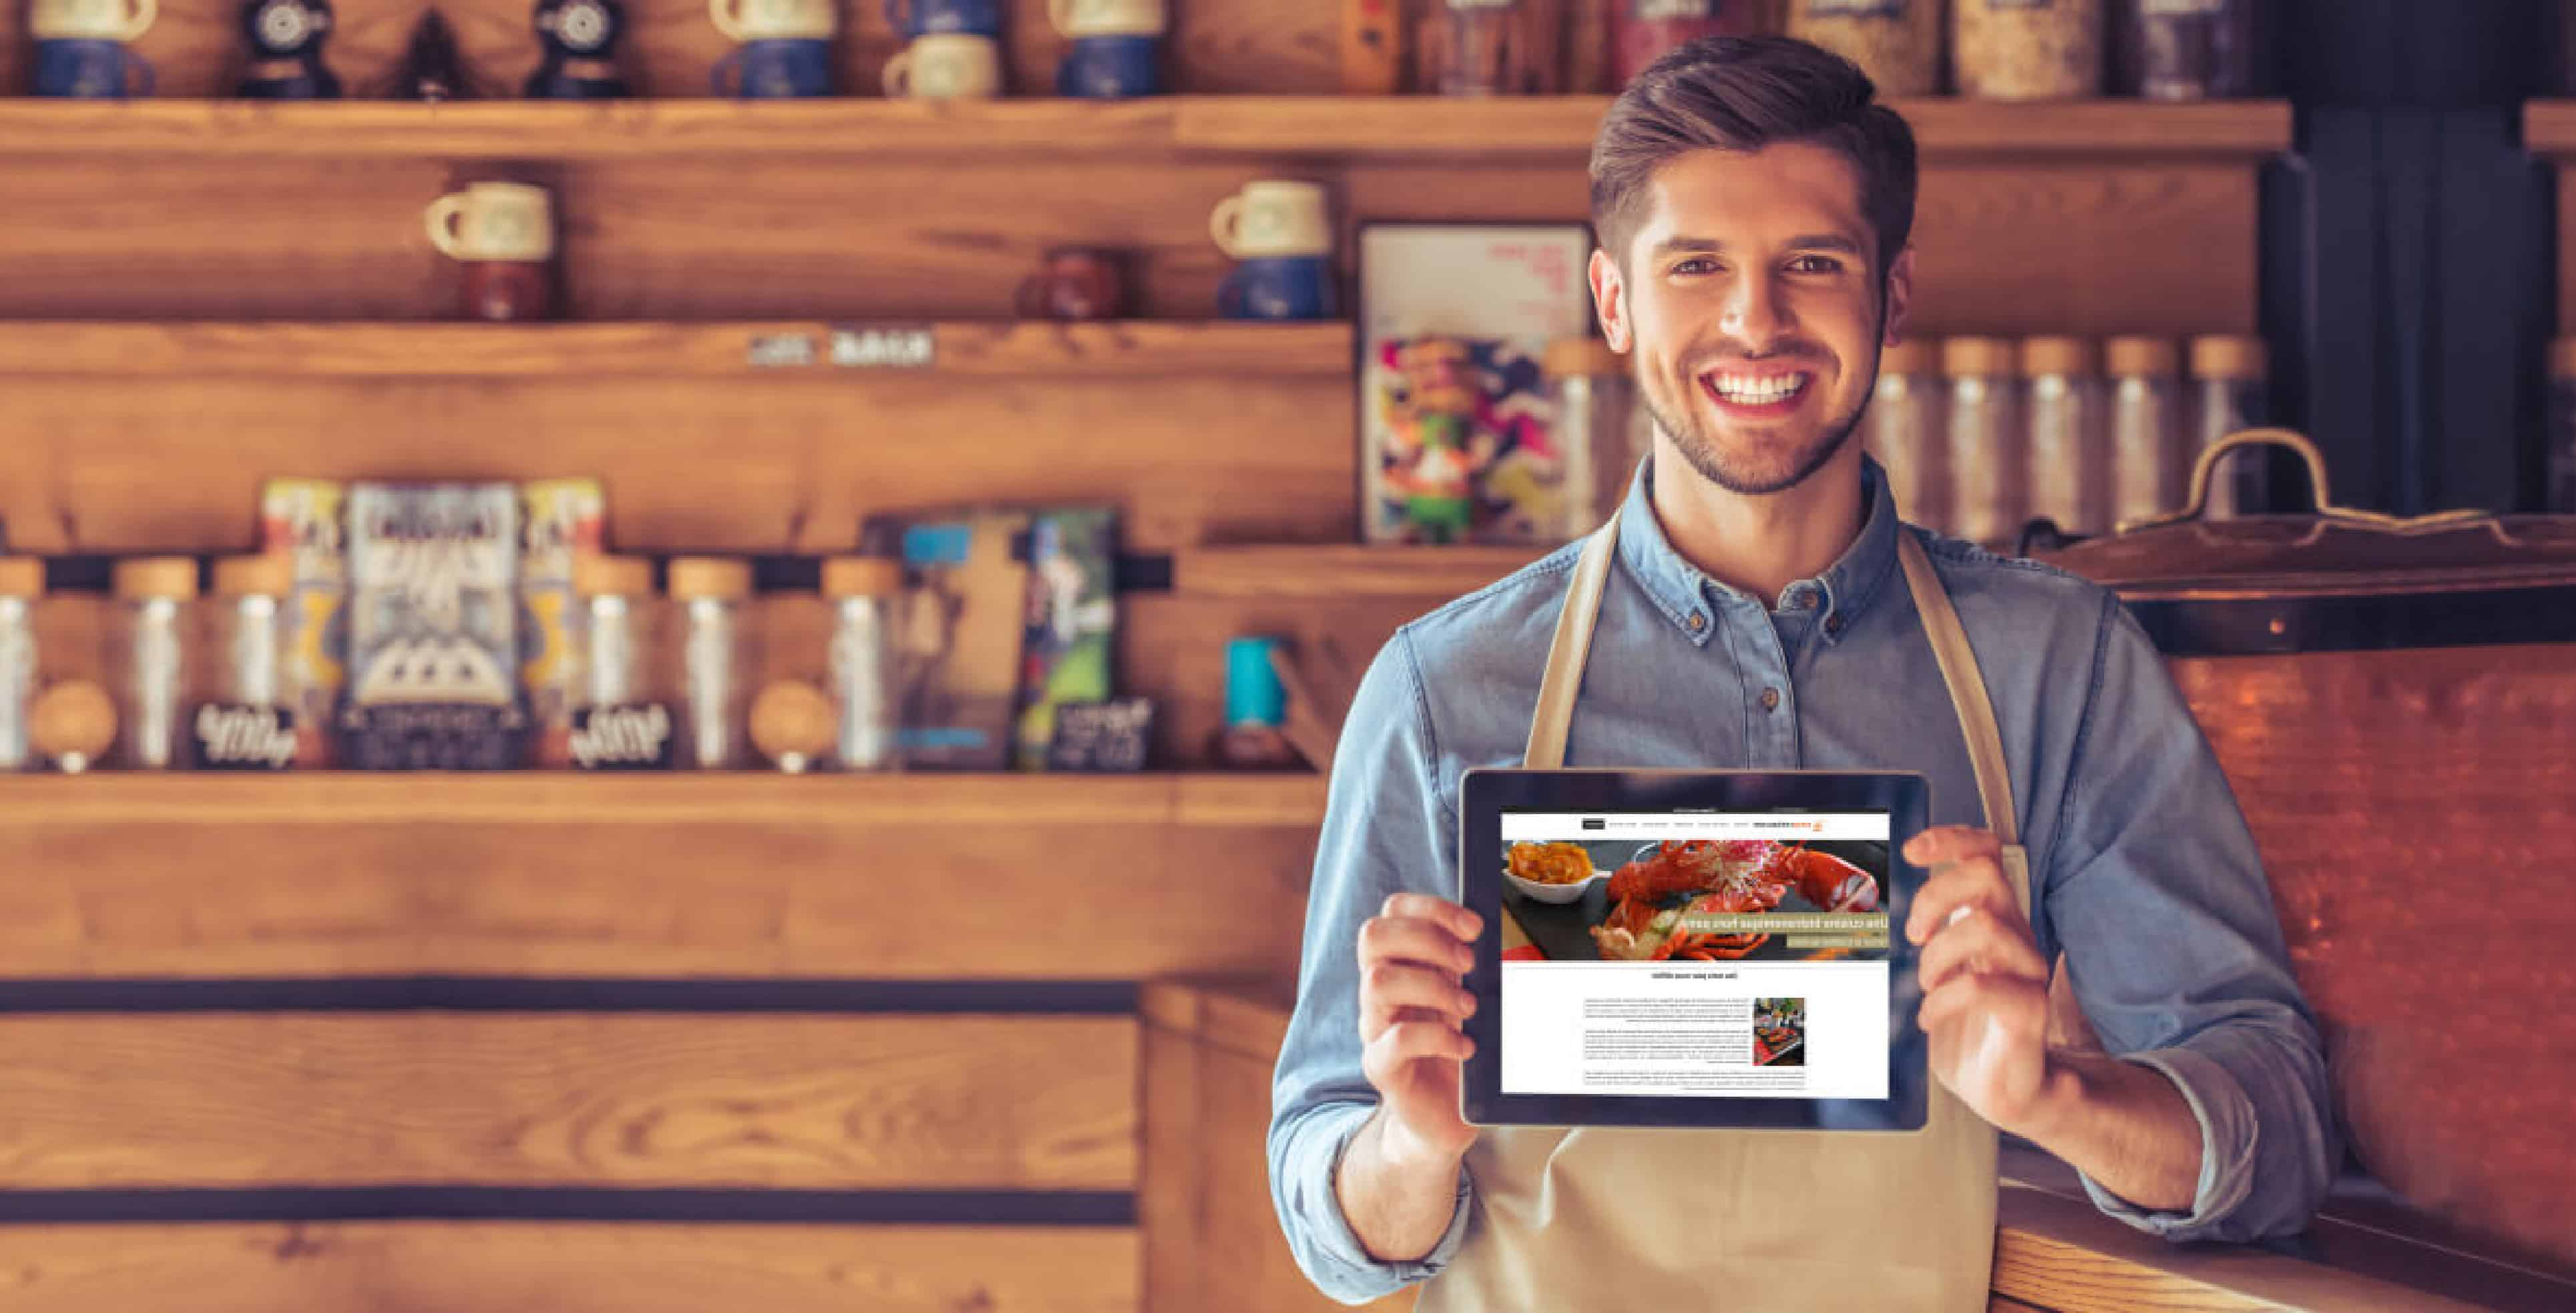 Serveur de restaurant utilsant easy restaurant sur sa tablette